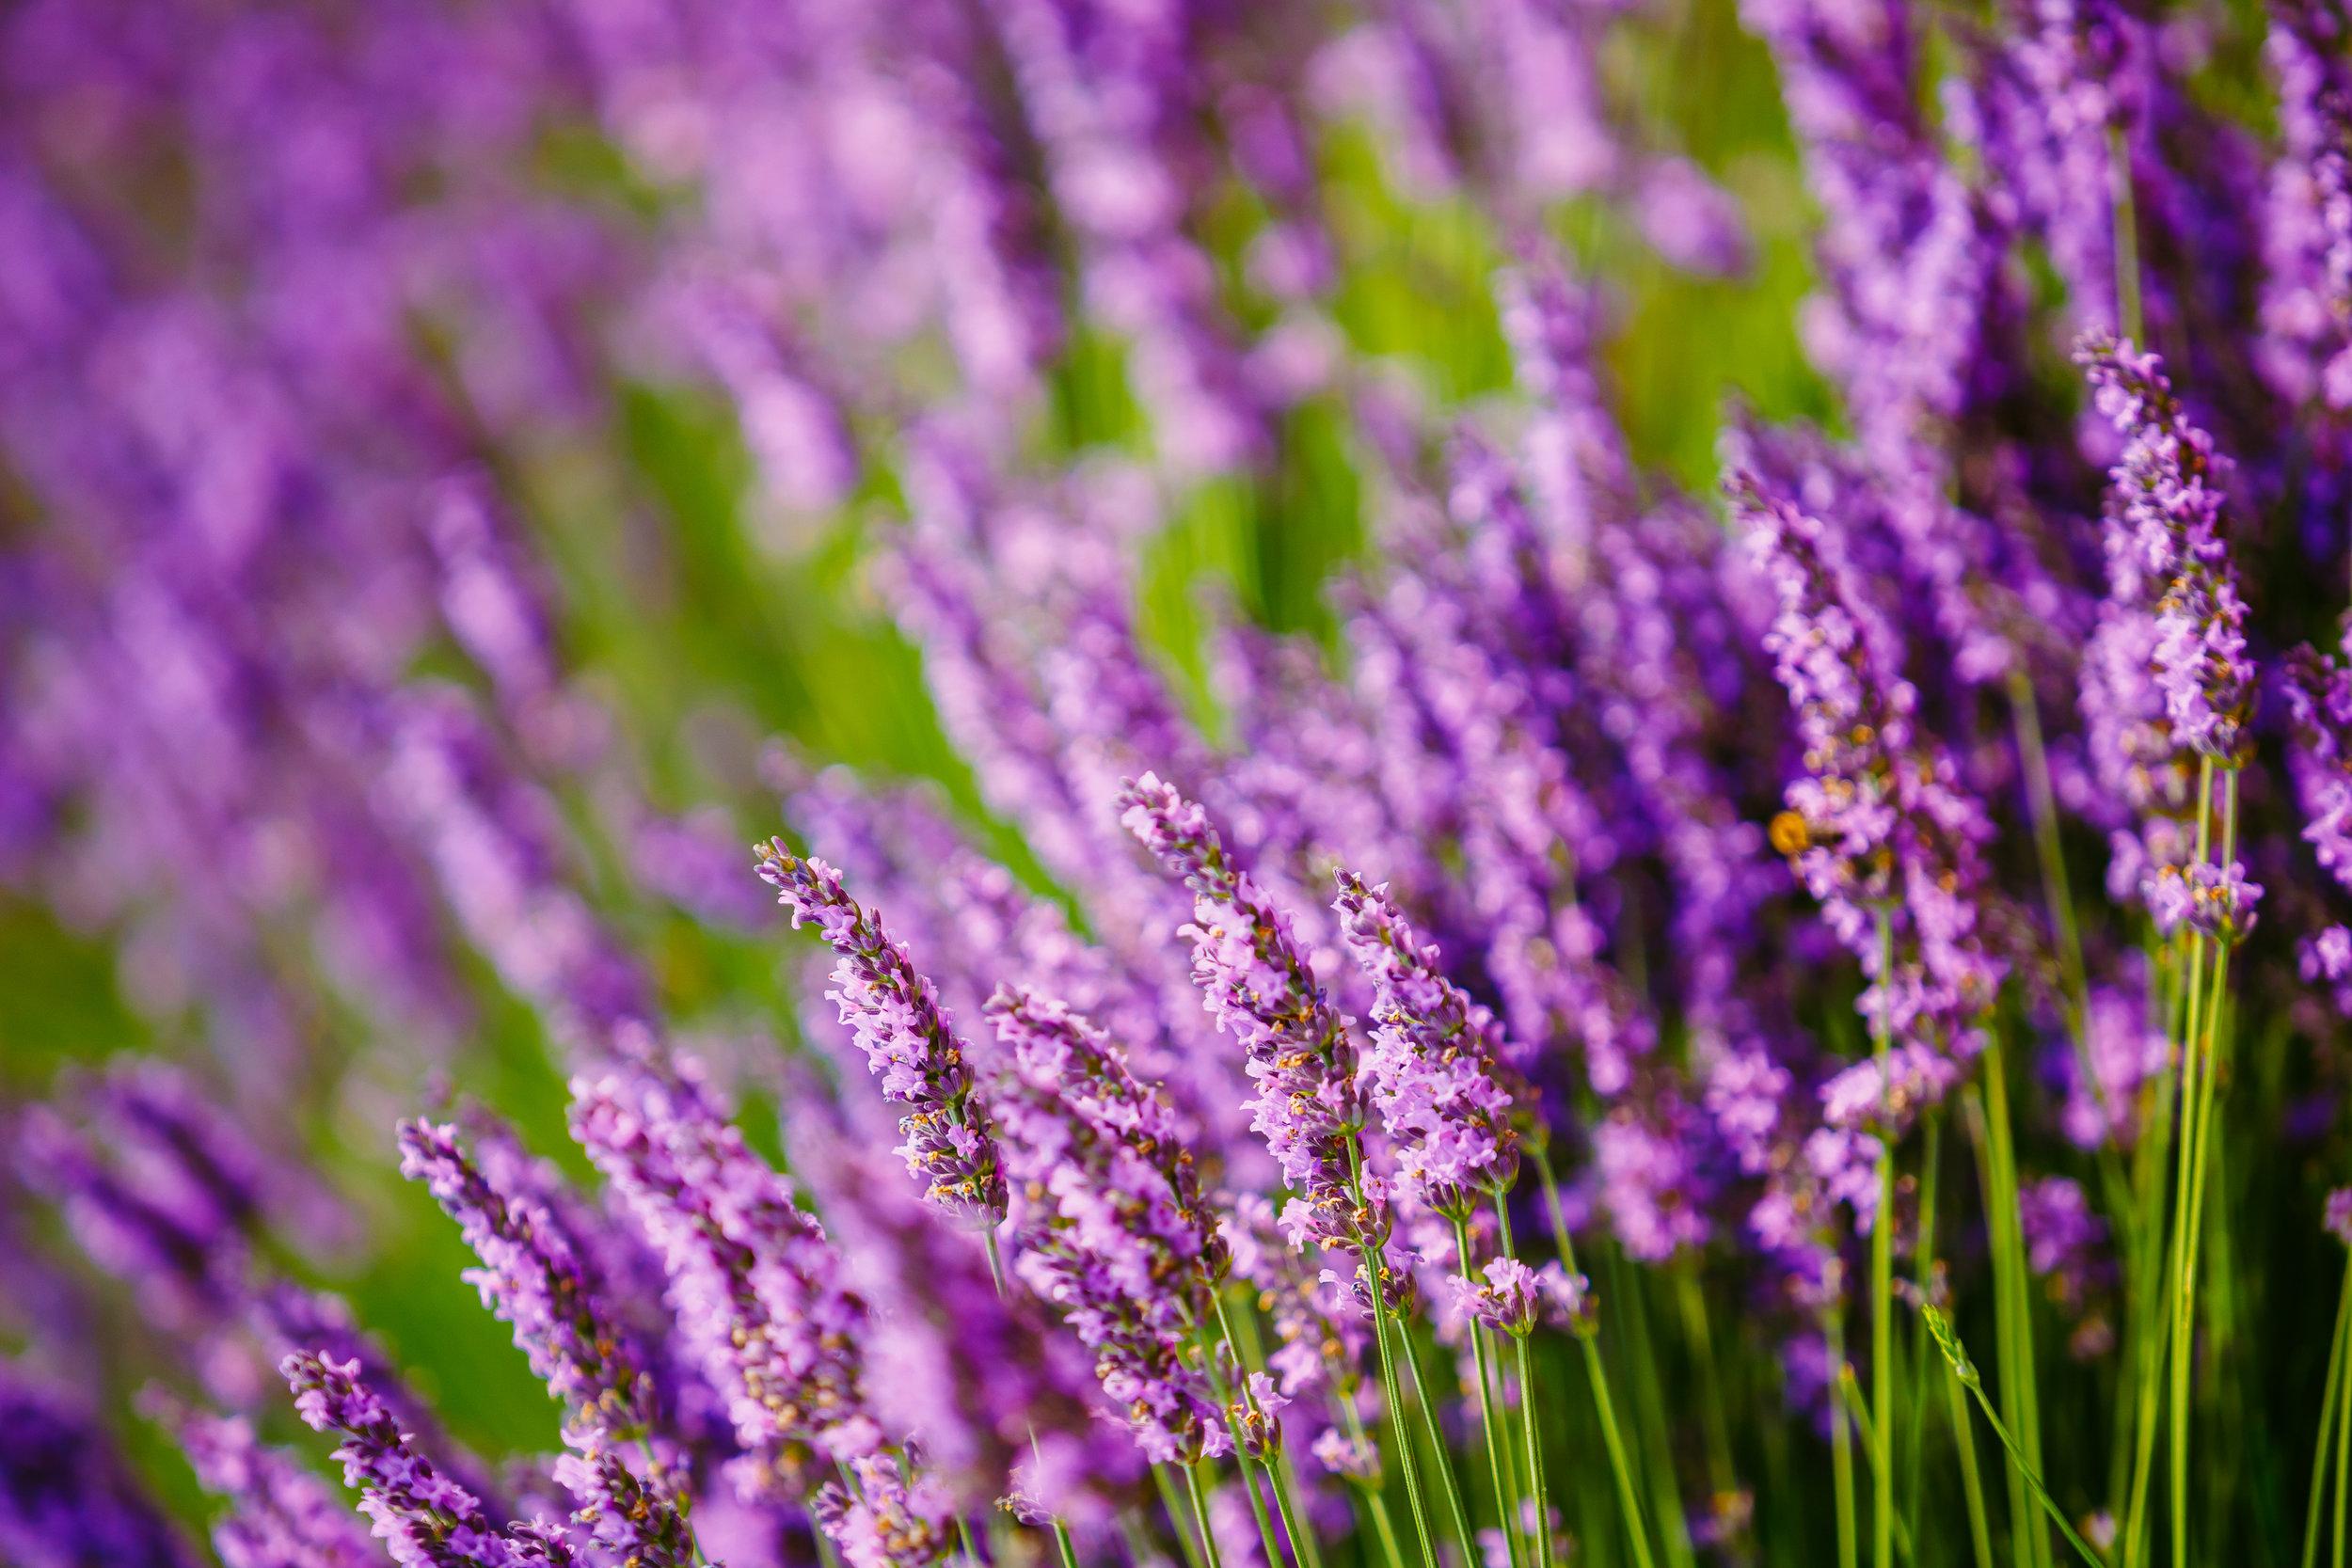 beautiful-blooming-lavender-flowers-summer-season-P4FXAJ7.jpg